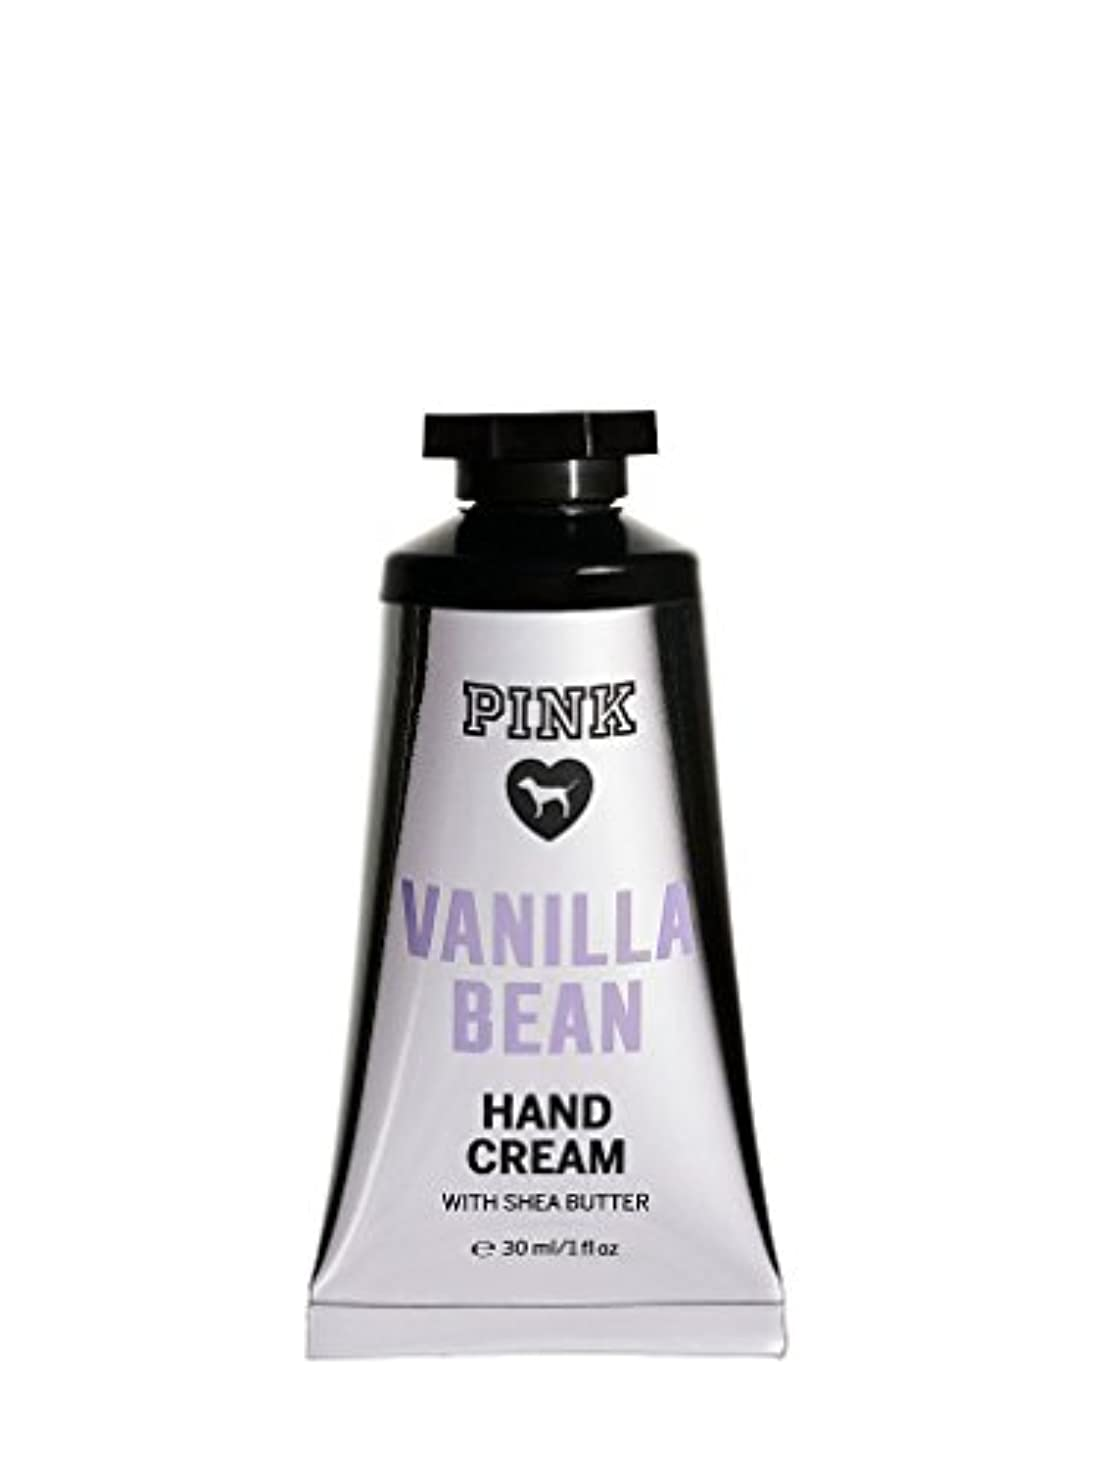 アラスカ押すメンタリティVICTORIA'S SECRET ヴィクトリアシークレット/ビクトリアシークレット PINK バニラビーンズ ハンドクリーム/PINK HAND CREAM [並行輸入品]